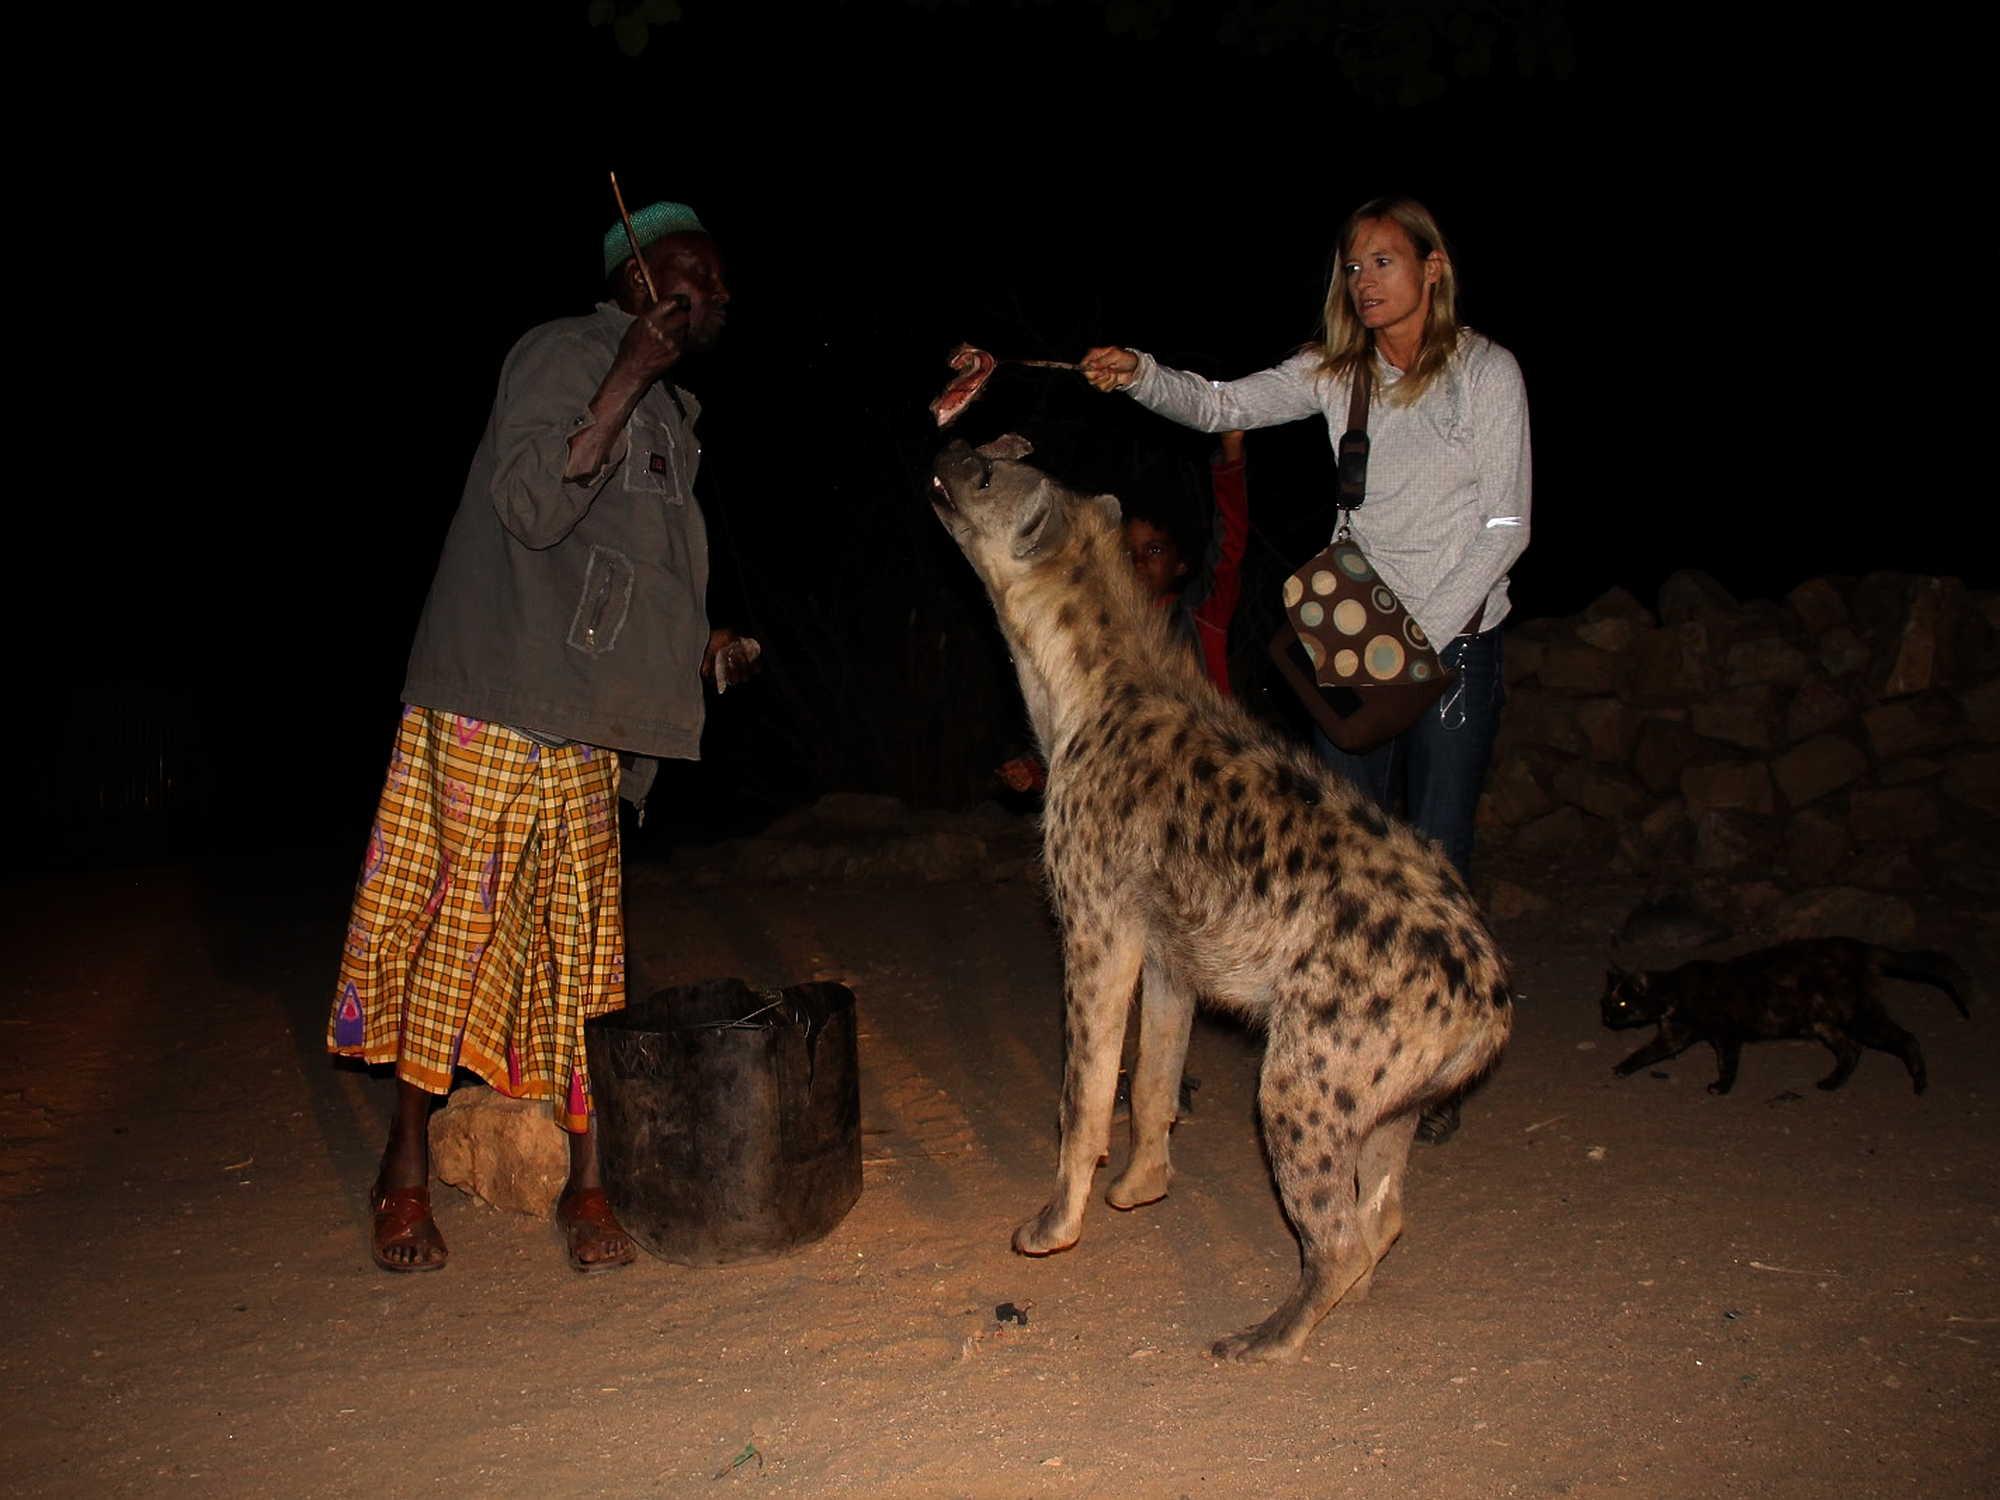 harar-hyena-man